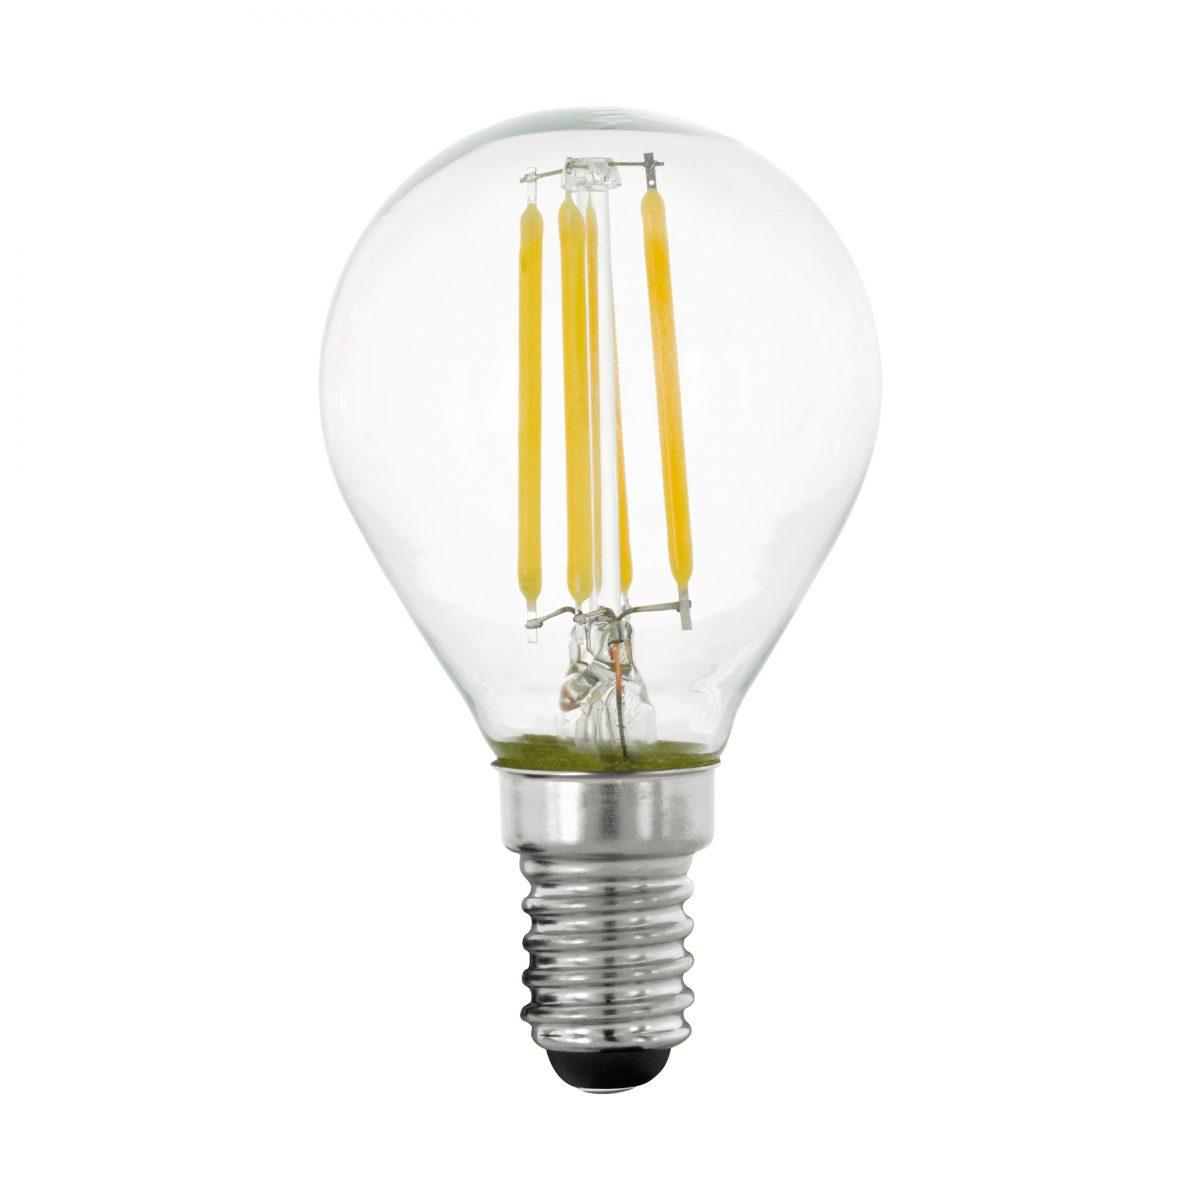 Лампа полупроводниковая LED EGLO 11754 - Фото №28